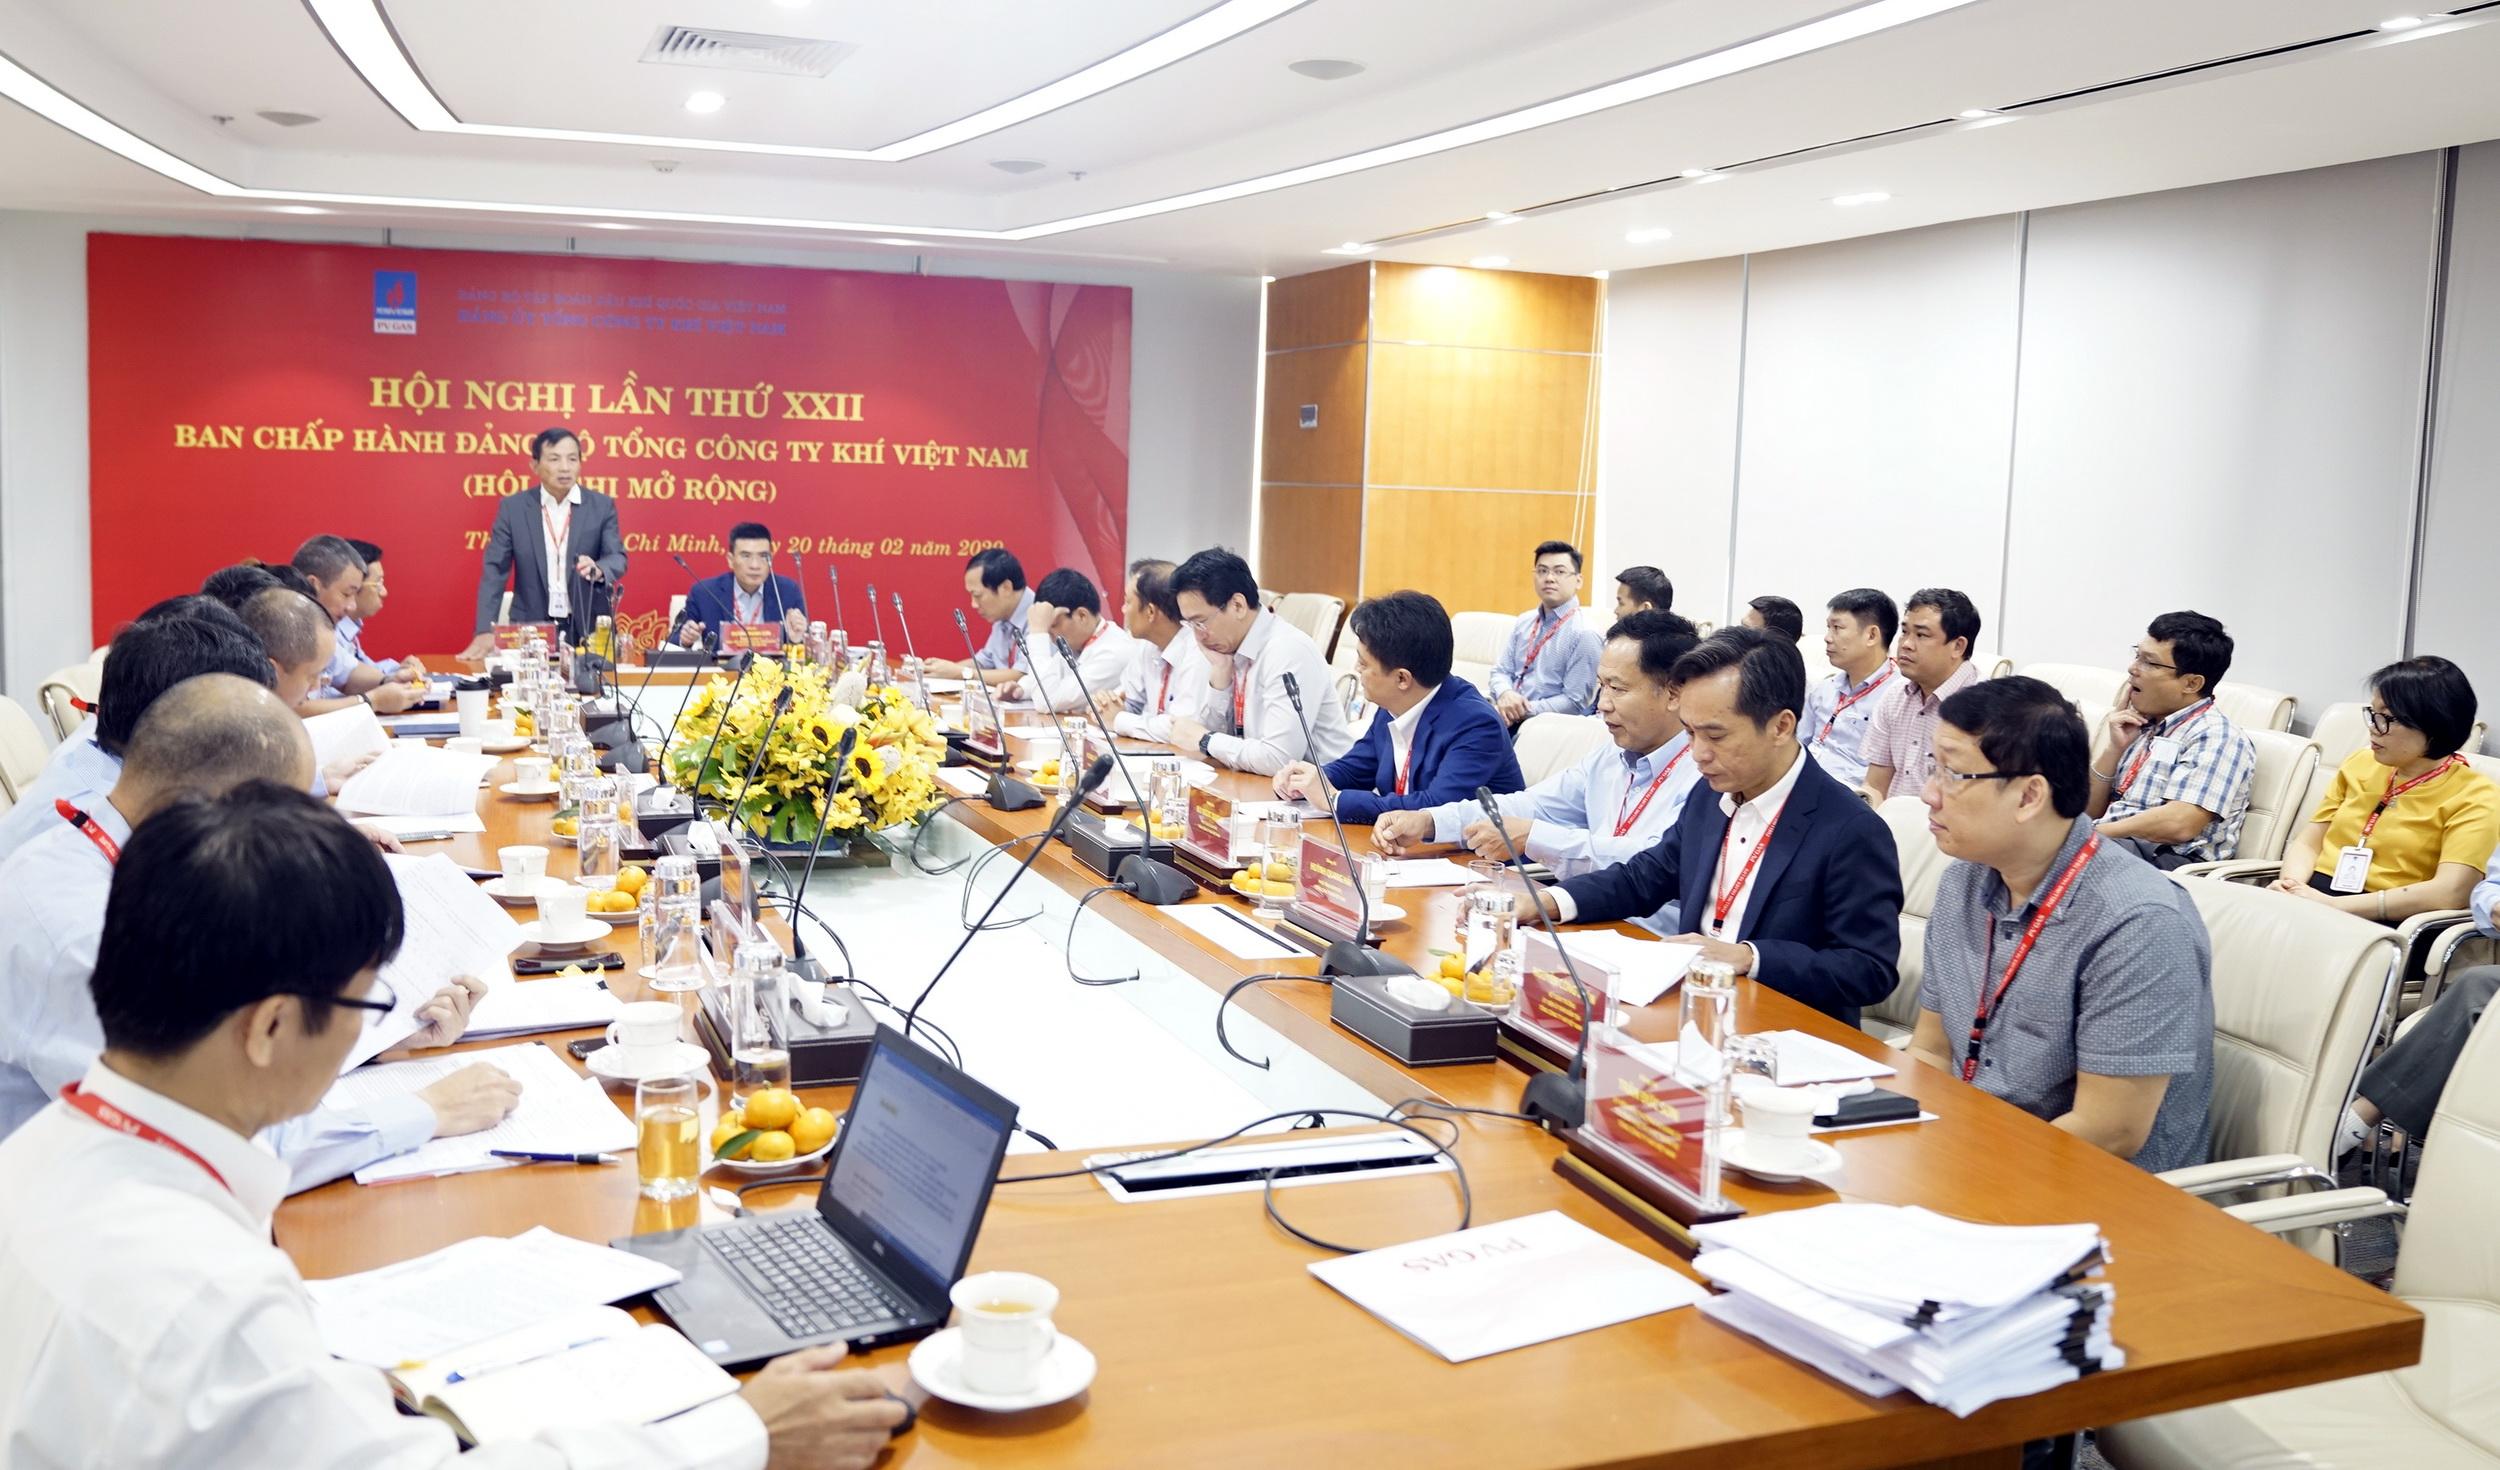 BCH Đảng bộ PV GAS tổ chức hội nghị định kỳ, chuẩn bị kỹ lưỡng cho cho công tác tổ chức Đại hội